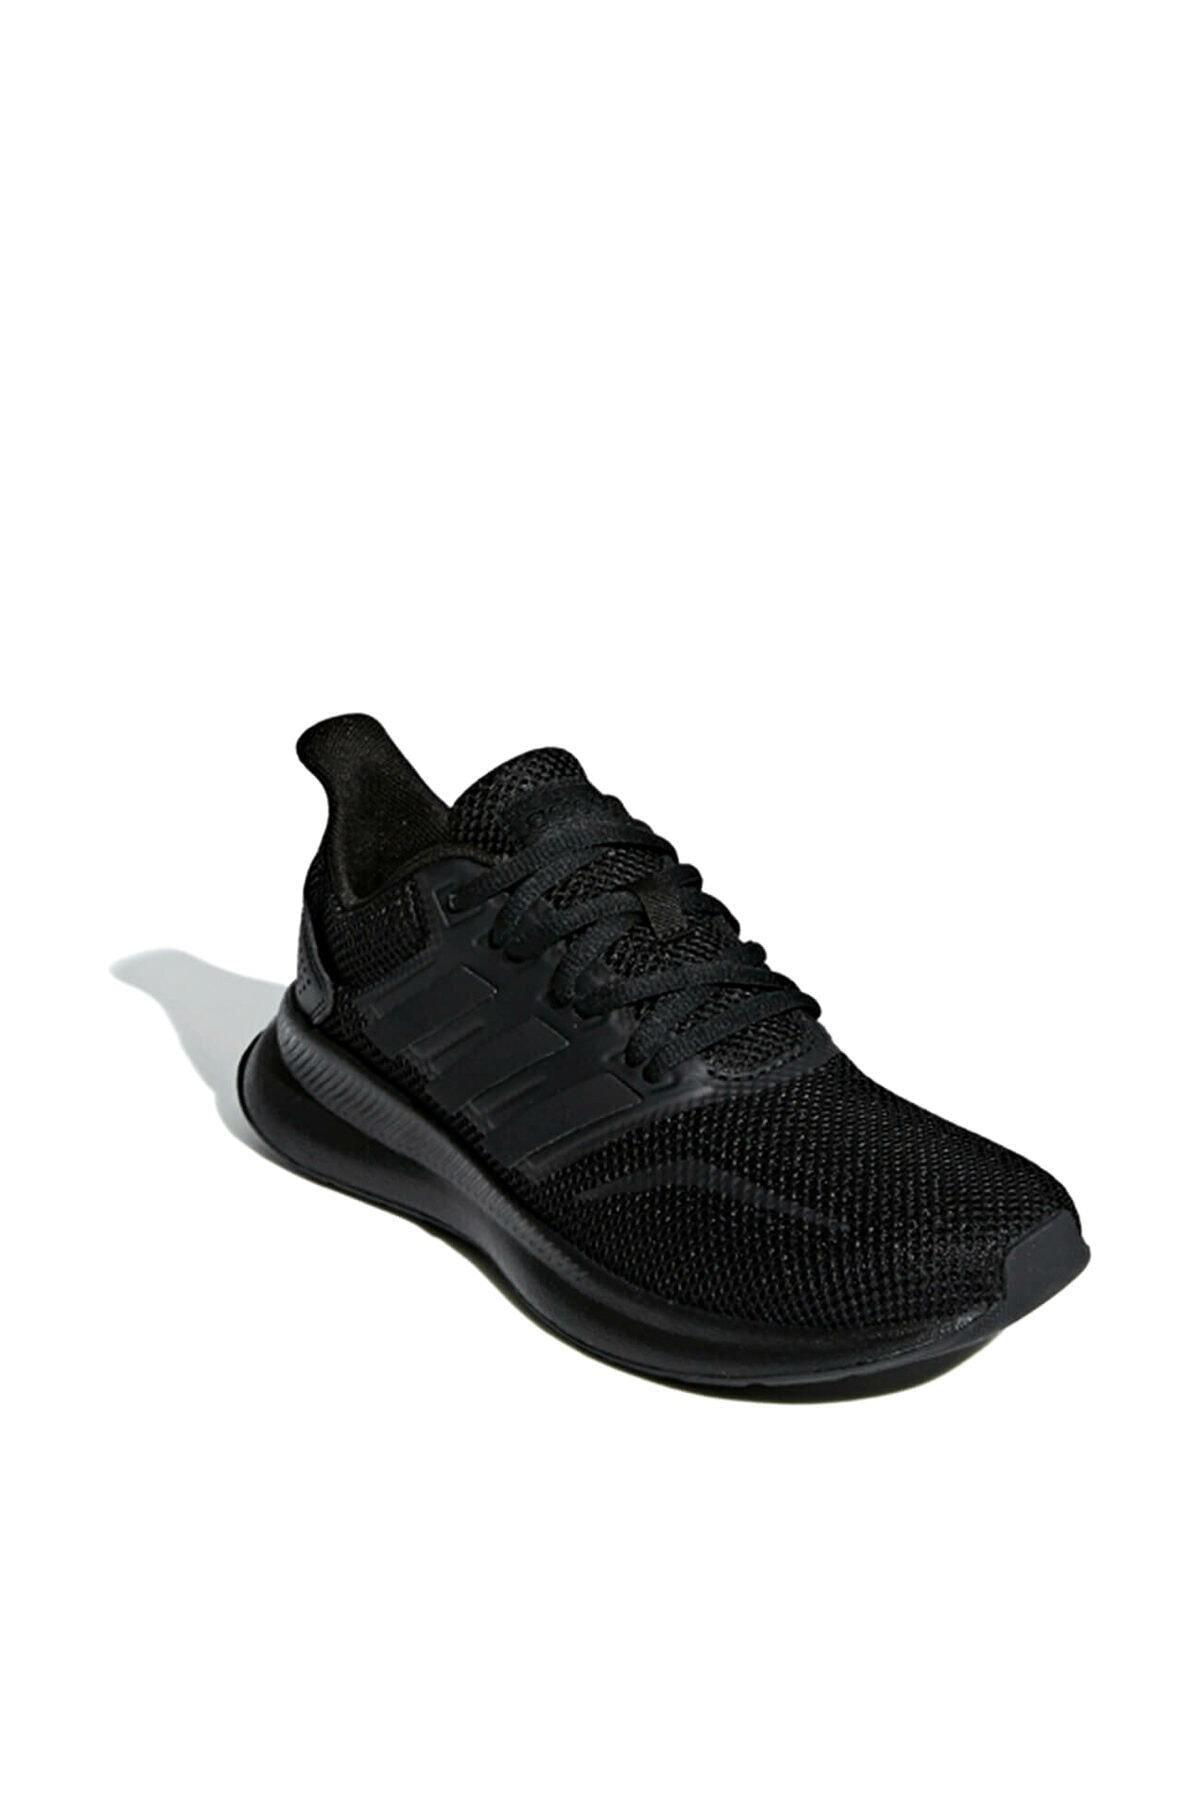 adidas Runfalcon K Siyah Unisex Koşu Ayakkabısı 1